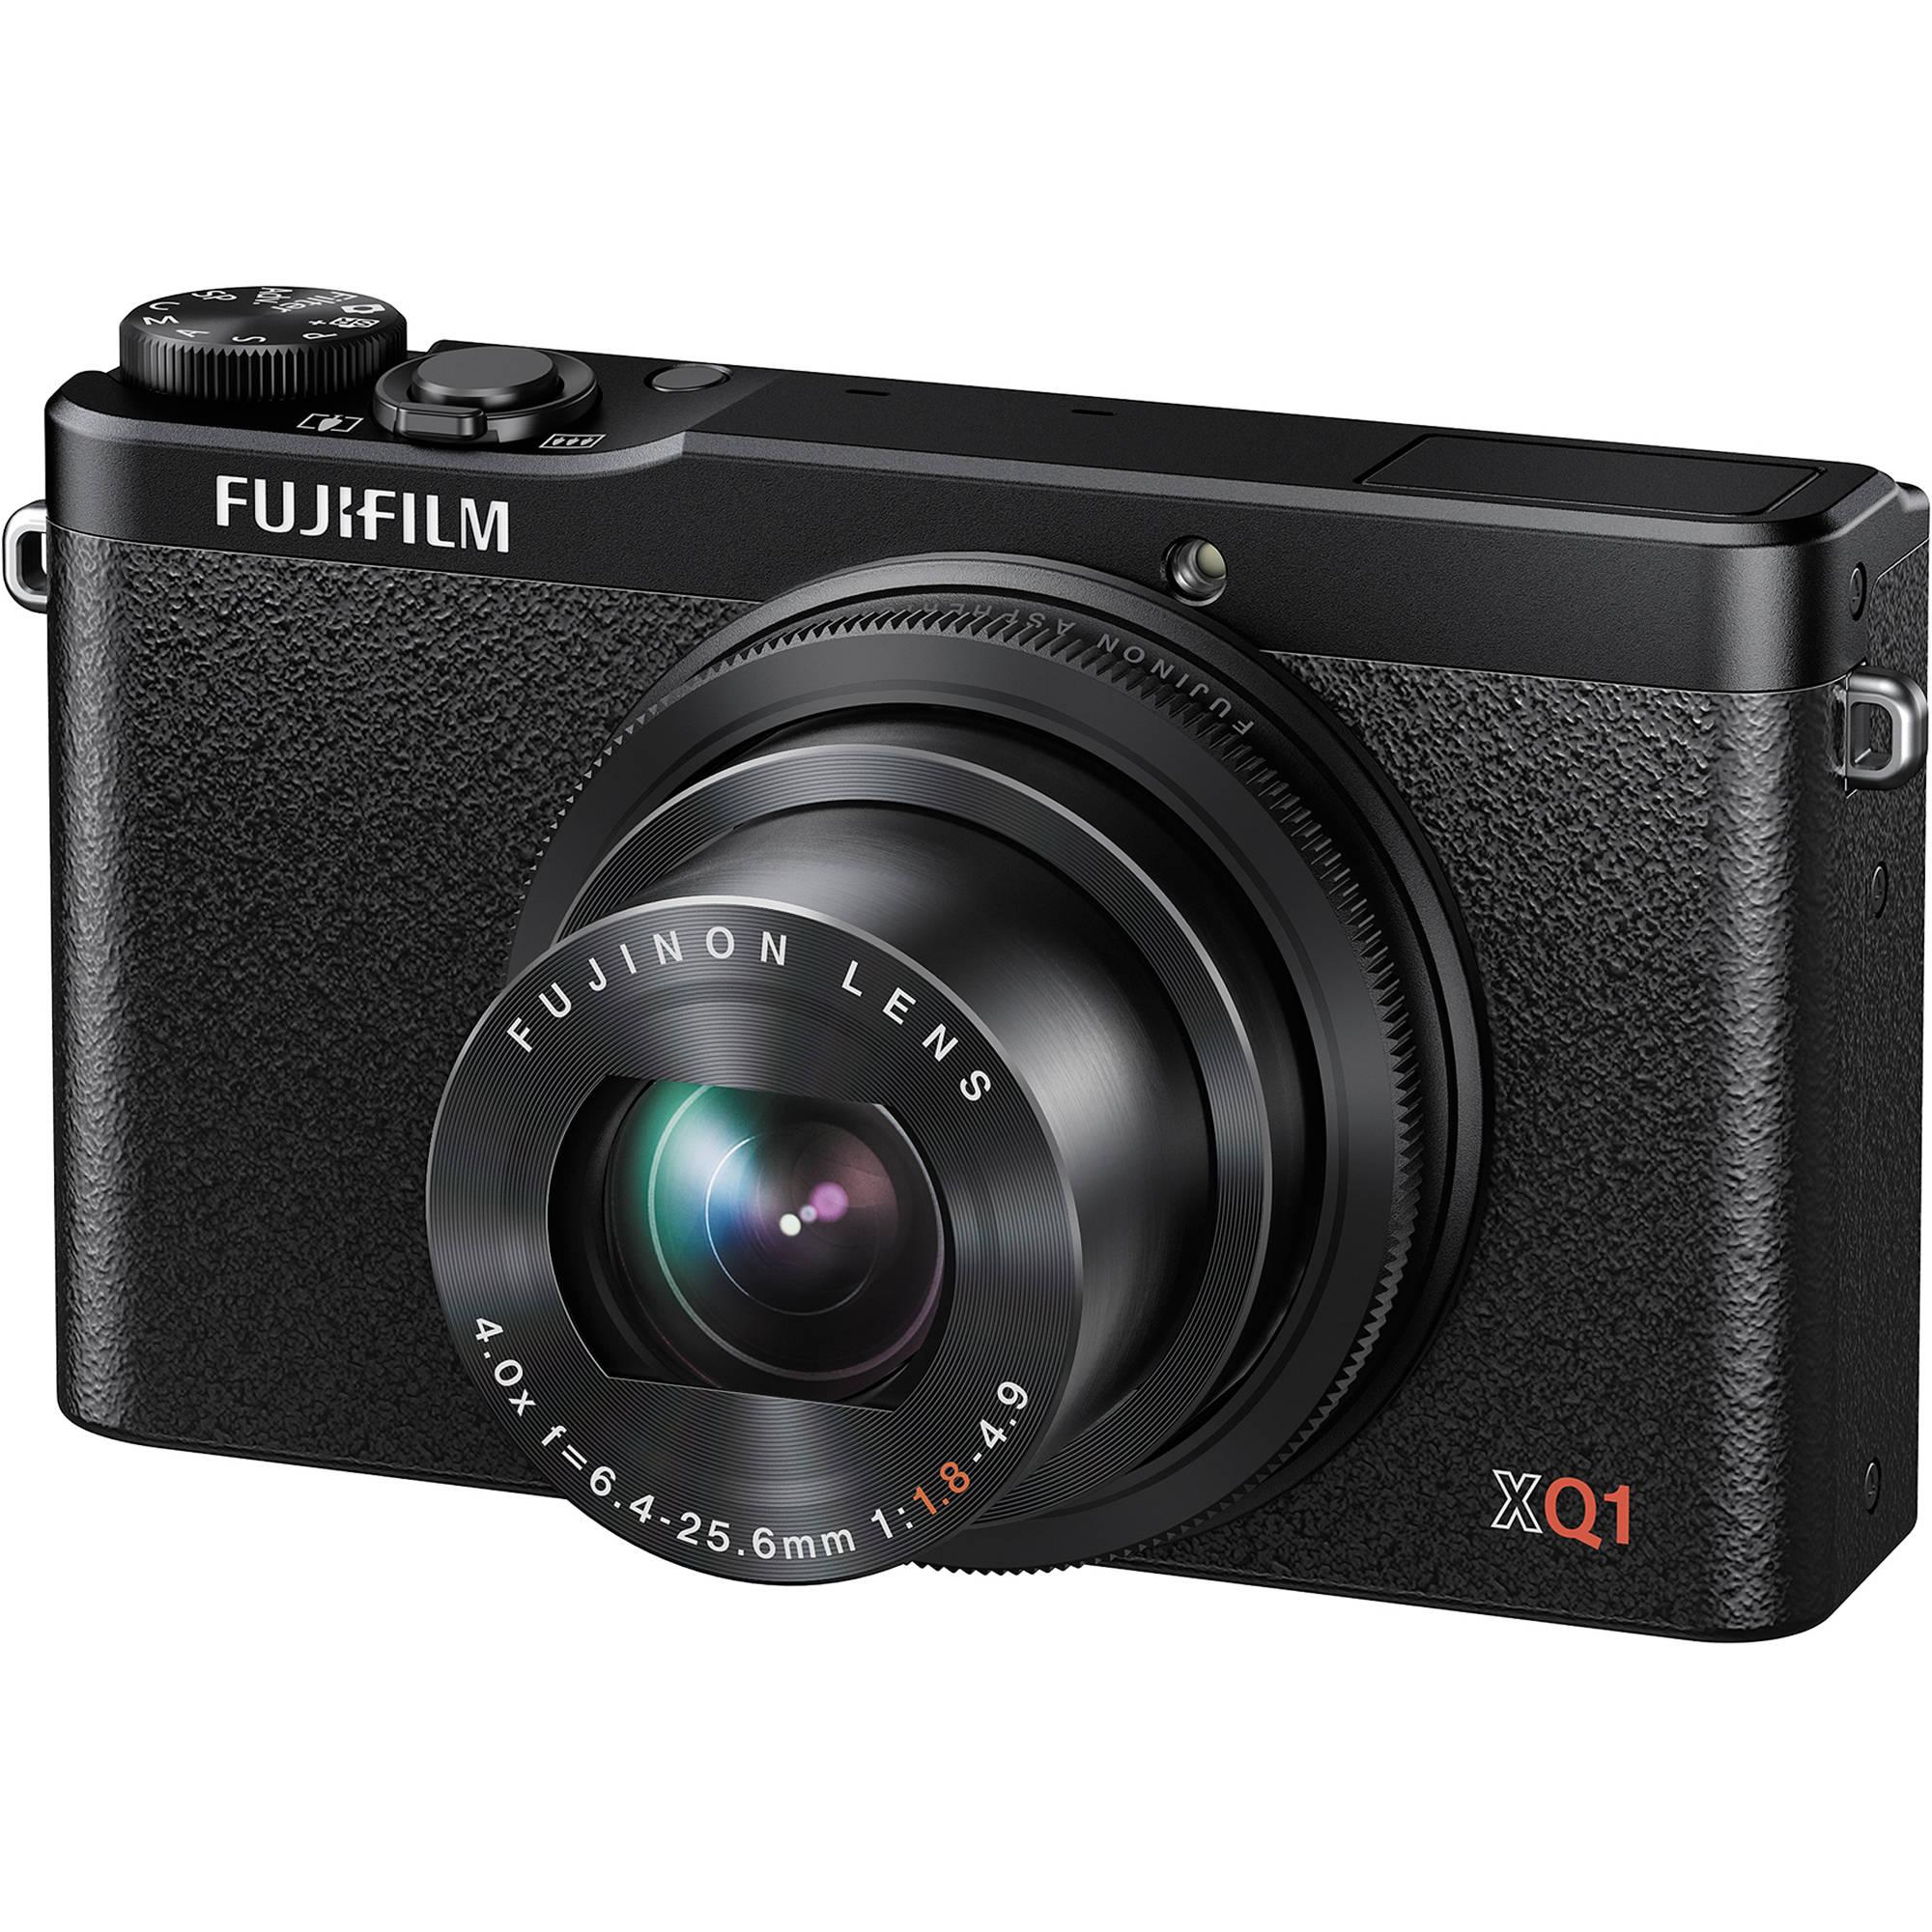 fujifilm_16410609_xq1_digital_camera_bla